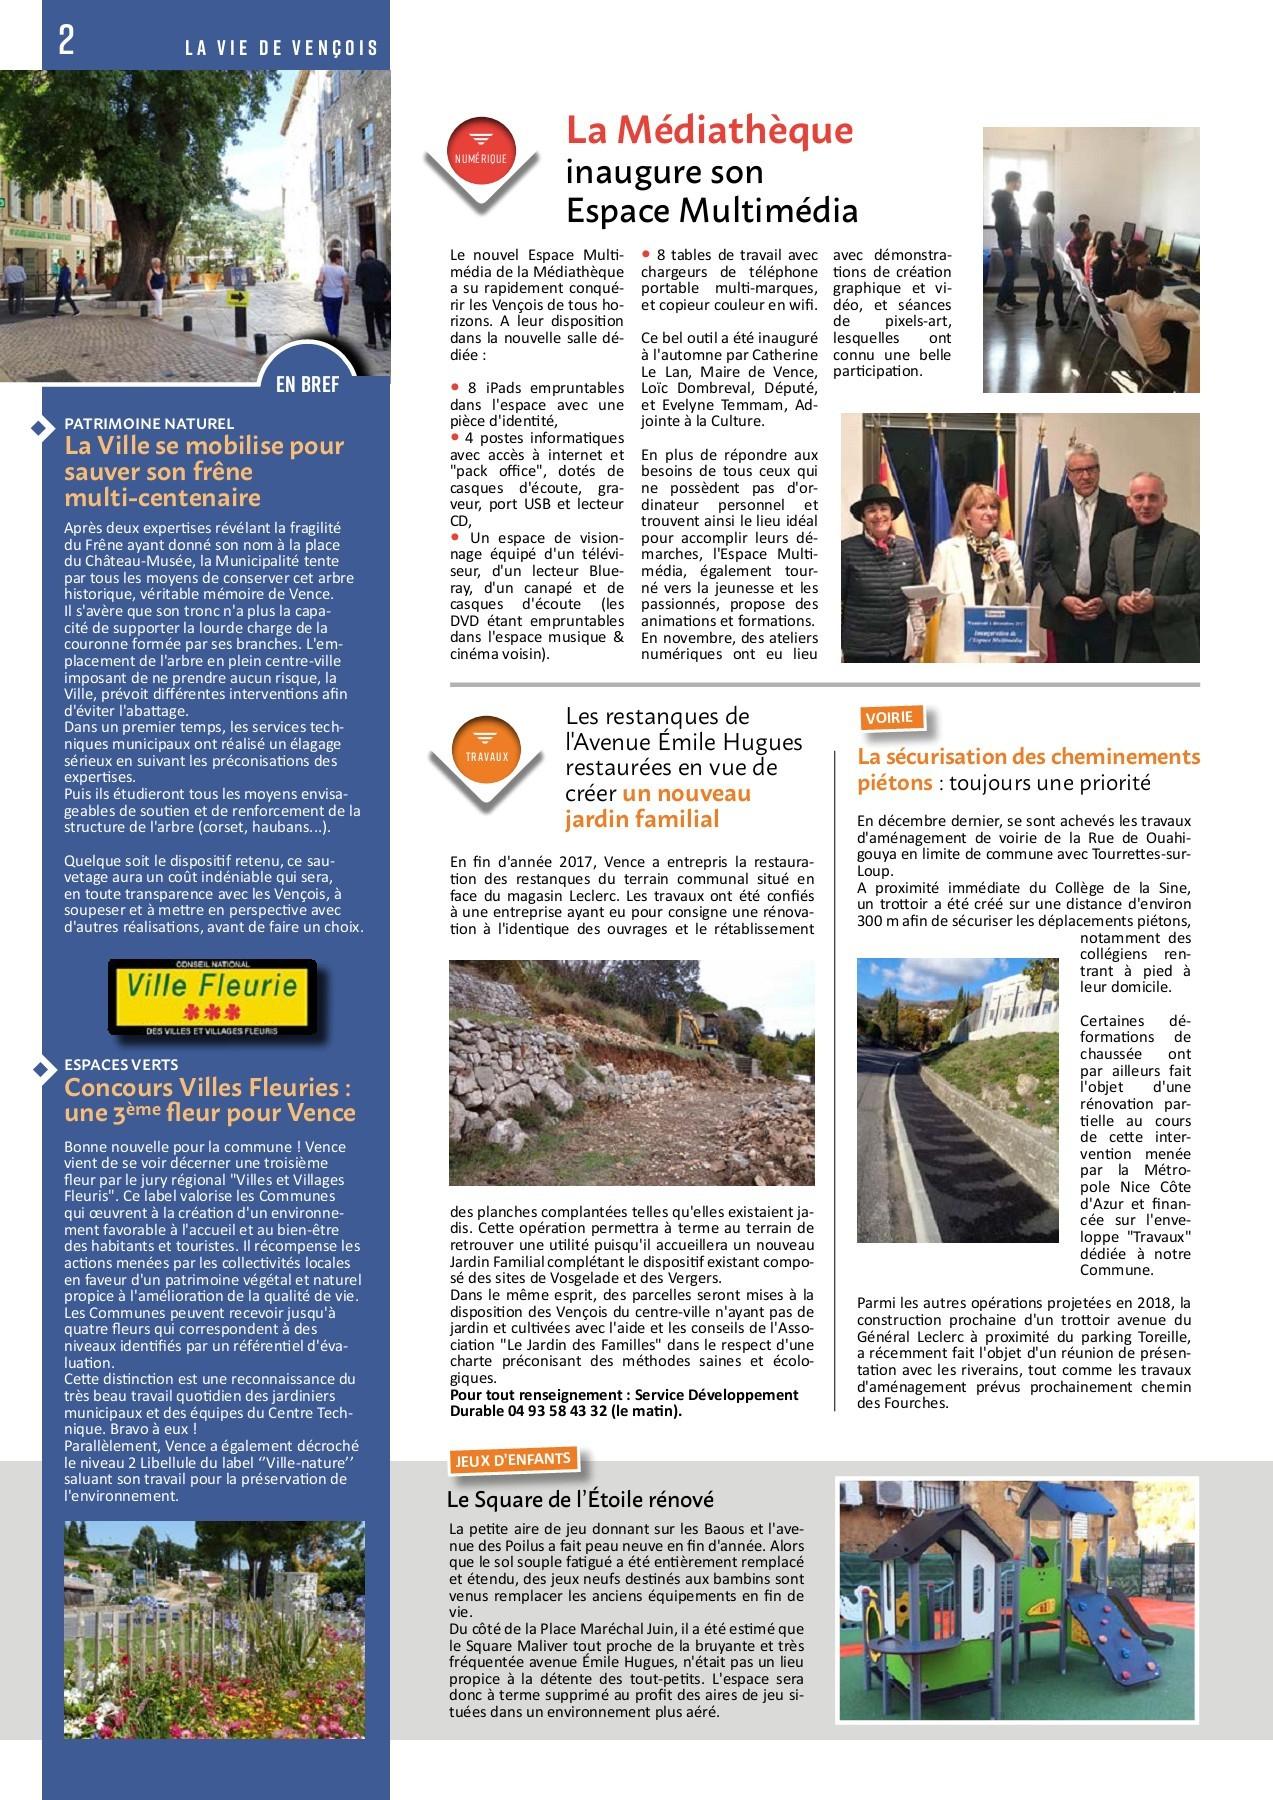 La Vie De Vençois N16 Pages 1 - 8 - Text Version | Fliphtml5 intérieur Table De Jardin Magasin Leclerc